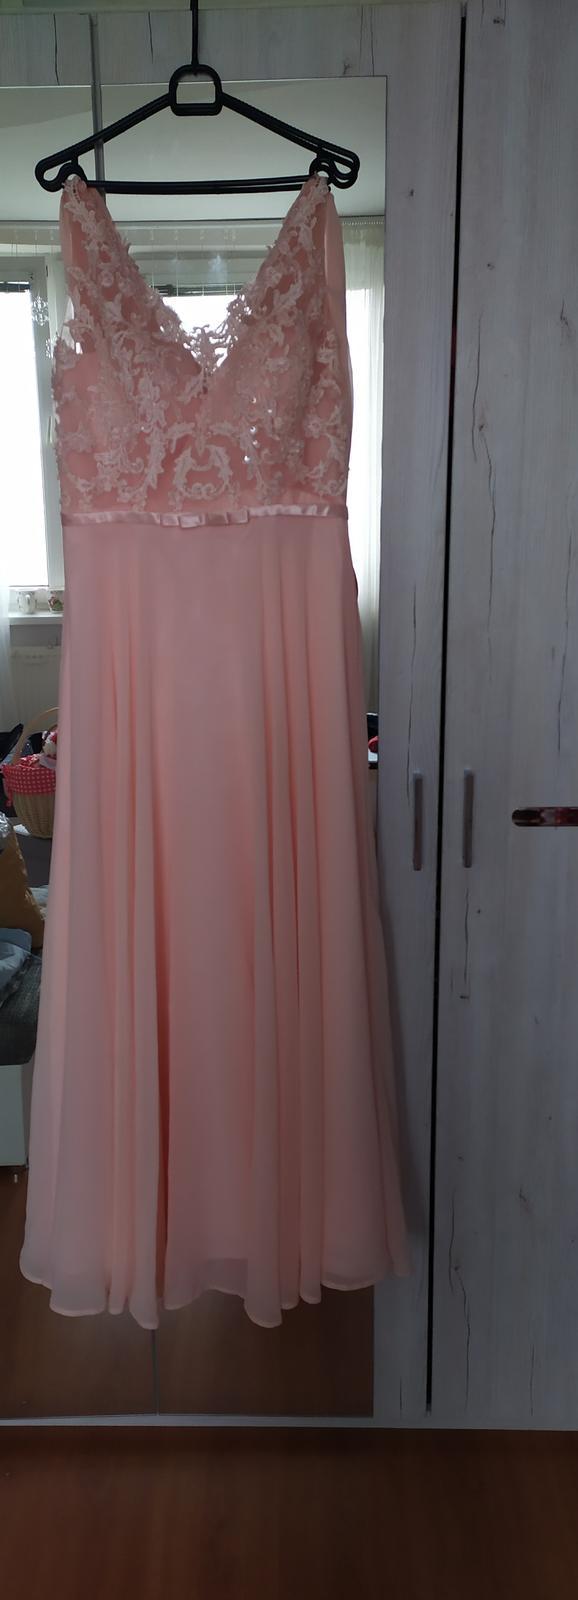 Ružové spoločenské aj popolnocne šaty  - Obrázok č. 1